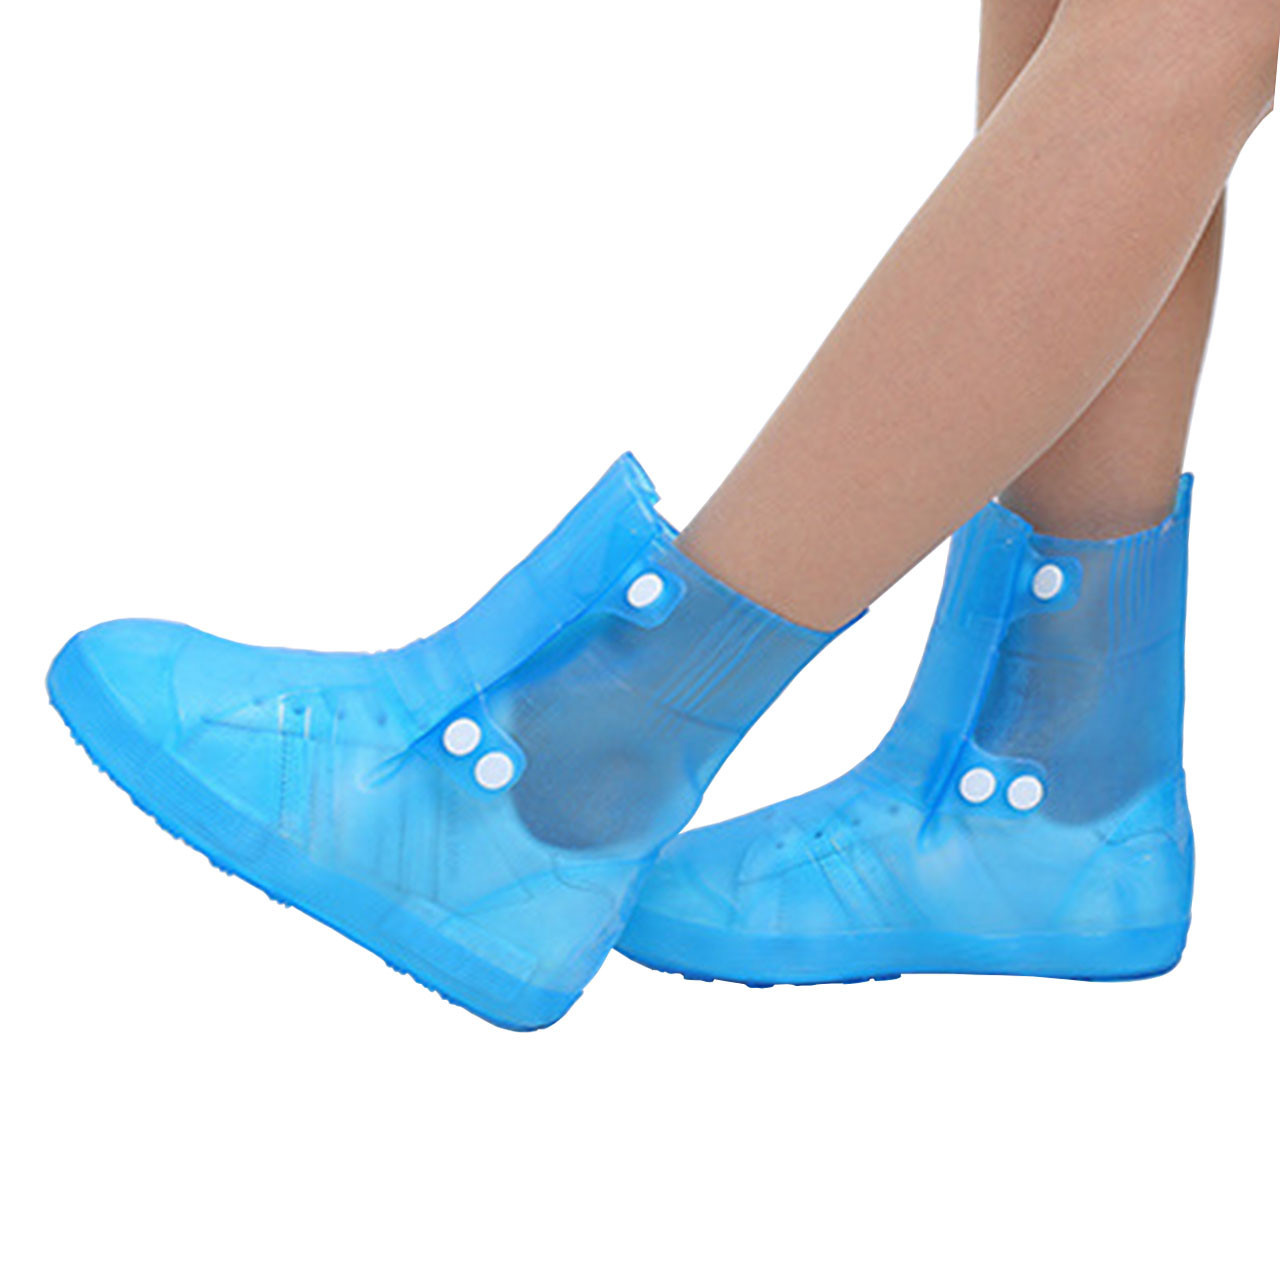 Защитные резиновые бахилы на обувь Lesko SB-108 р. 40-41 Синий (3728-12121)